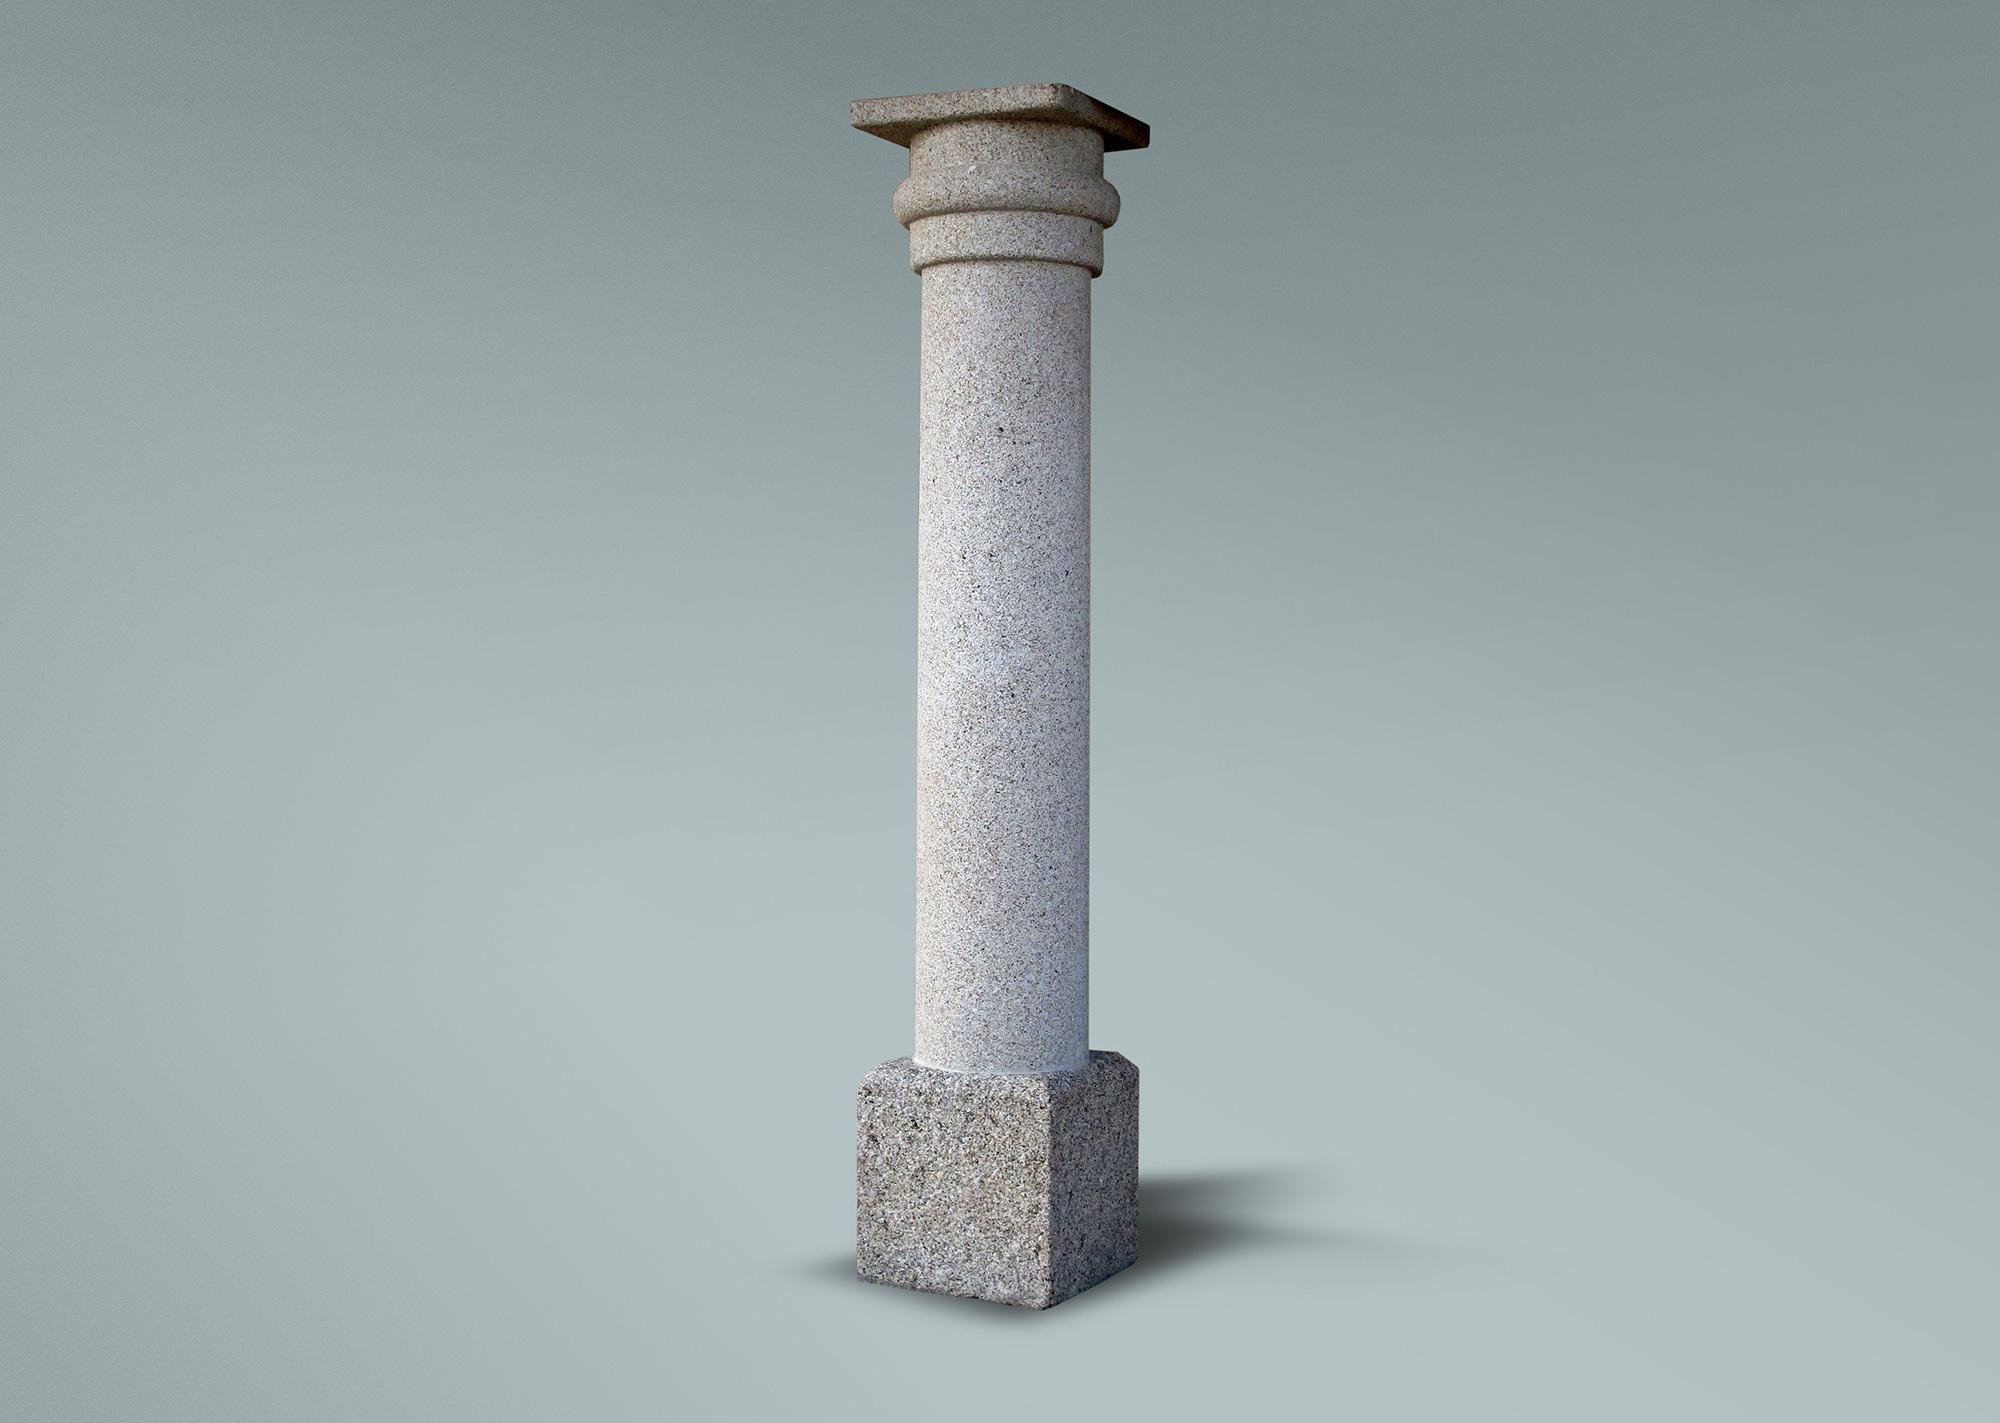 Columna redonda de granito